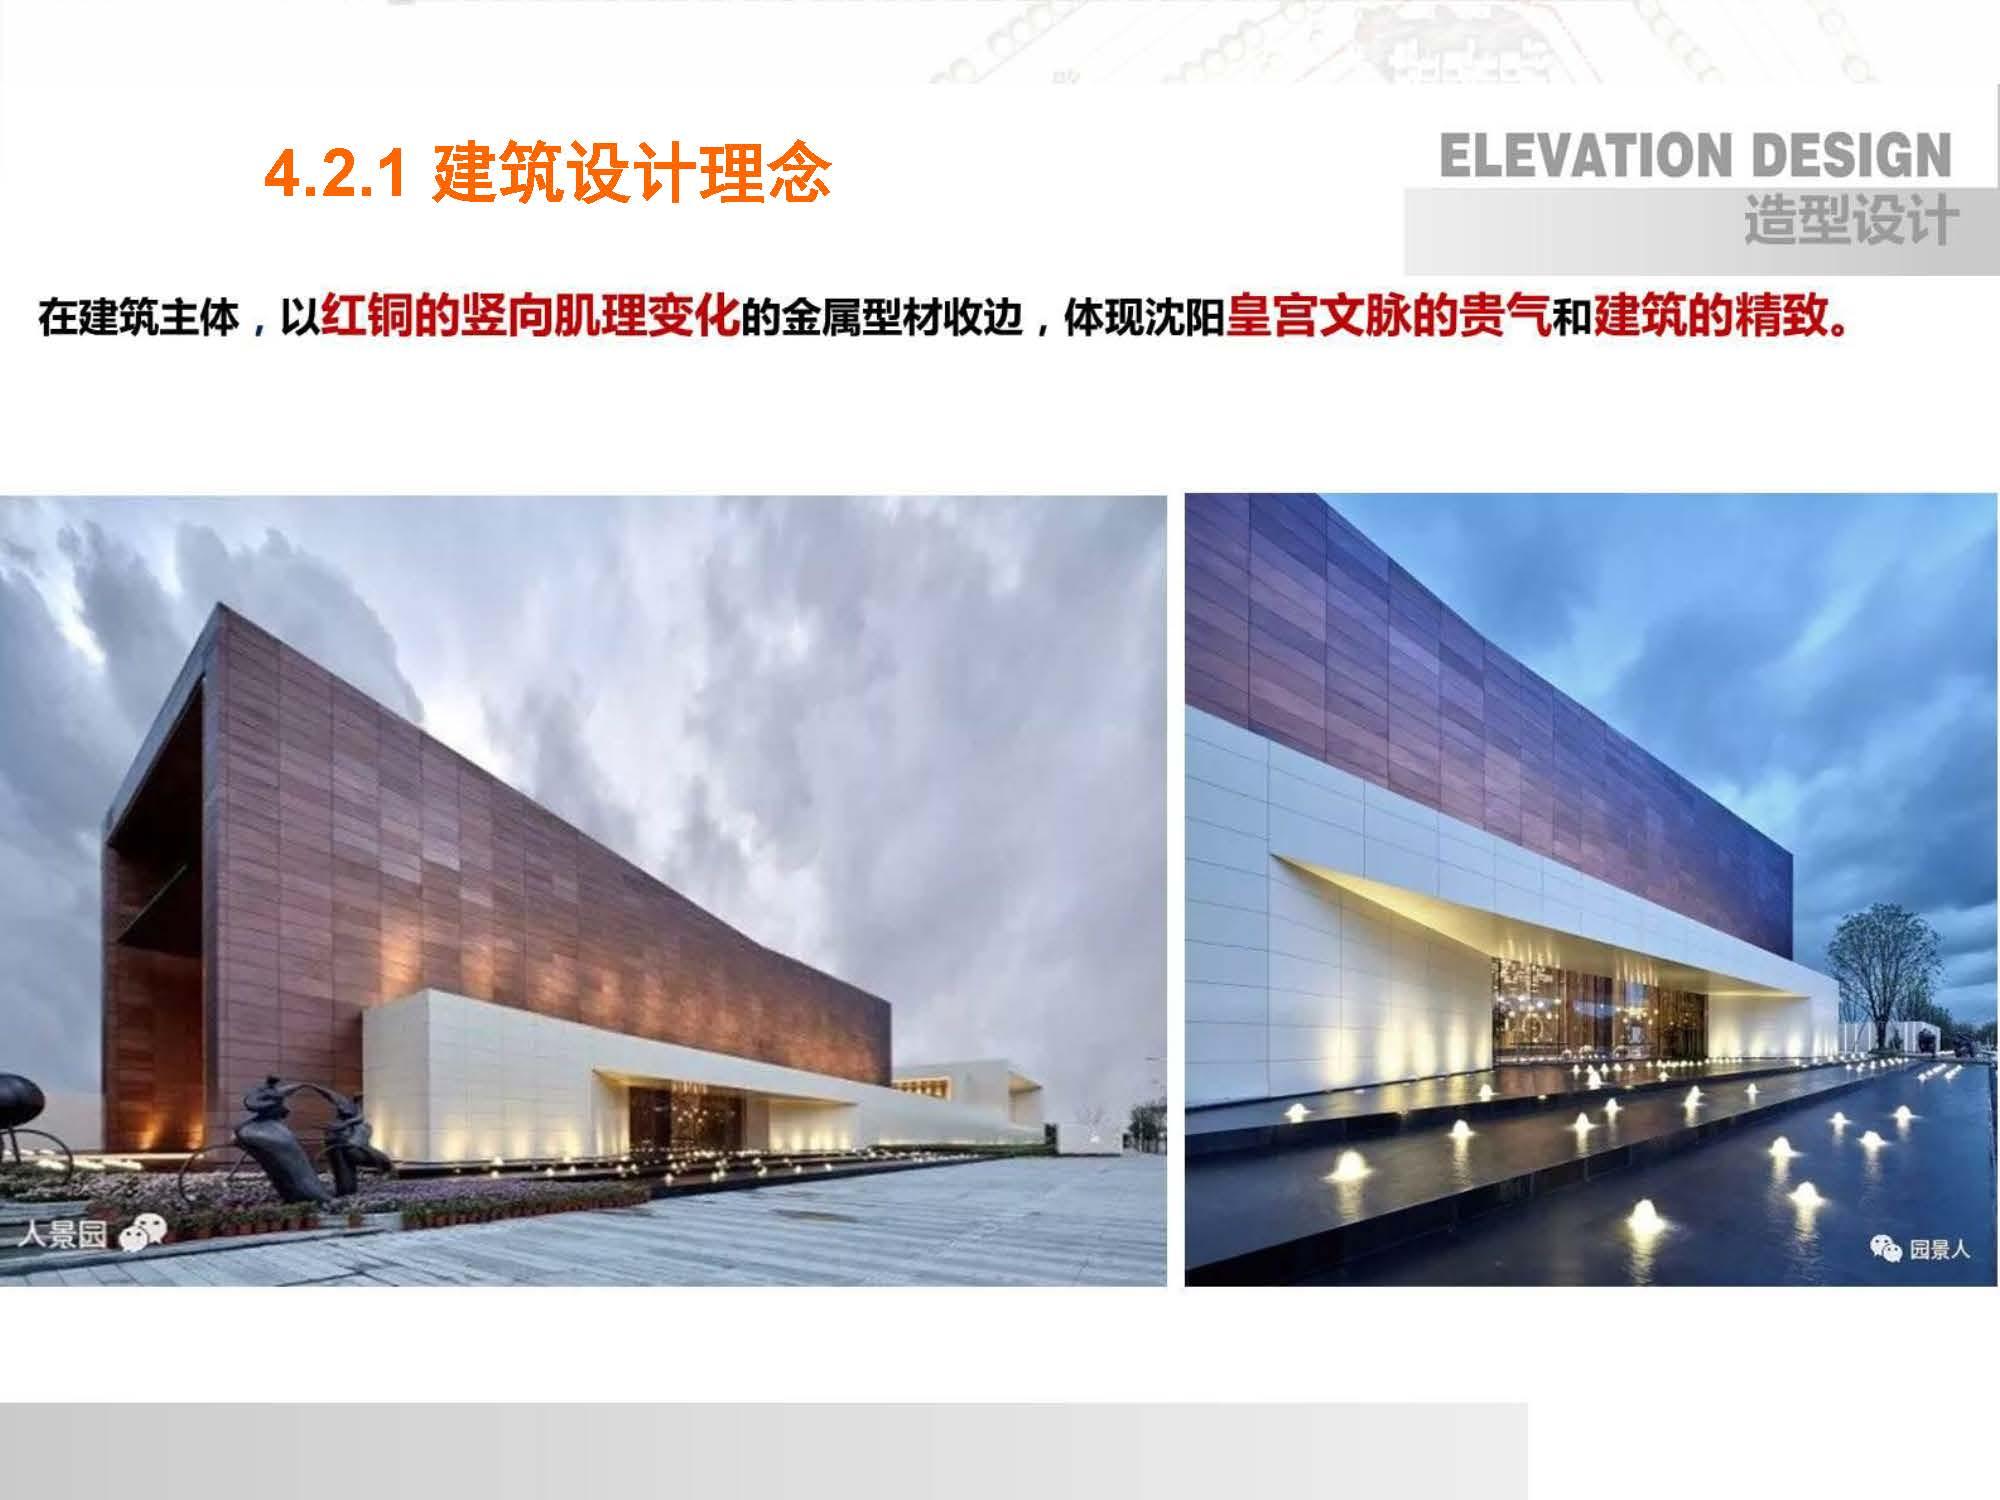 中海沈阳销售手册20180809--EPG--建筑设计理念及亮点 _页面_22.jpg